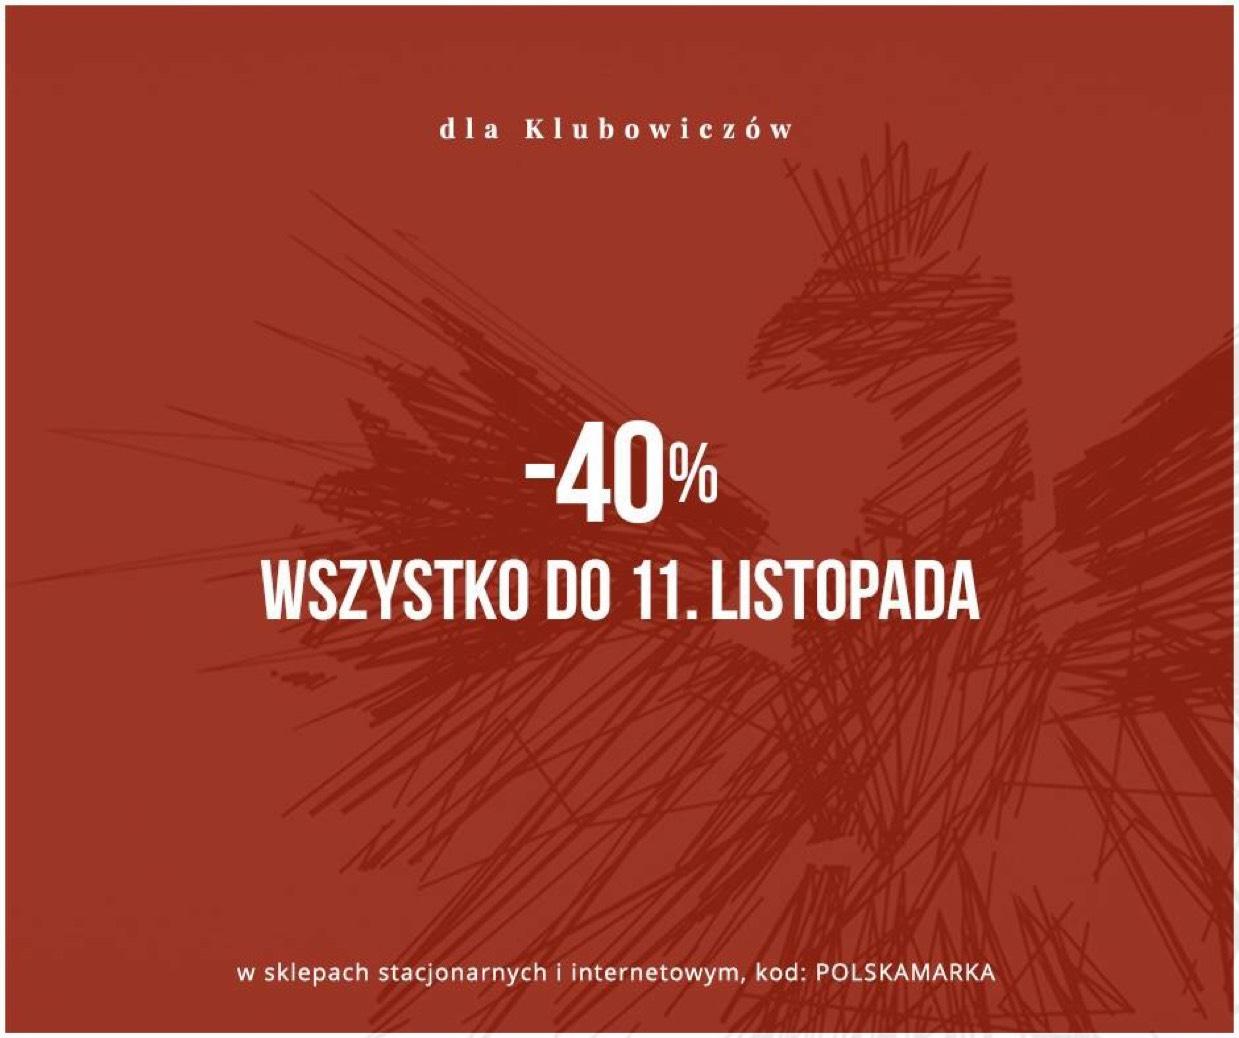 -40% na wszystko w sklepach Bytom dla klubowiczów